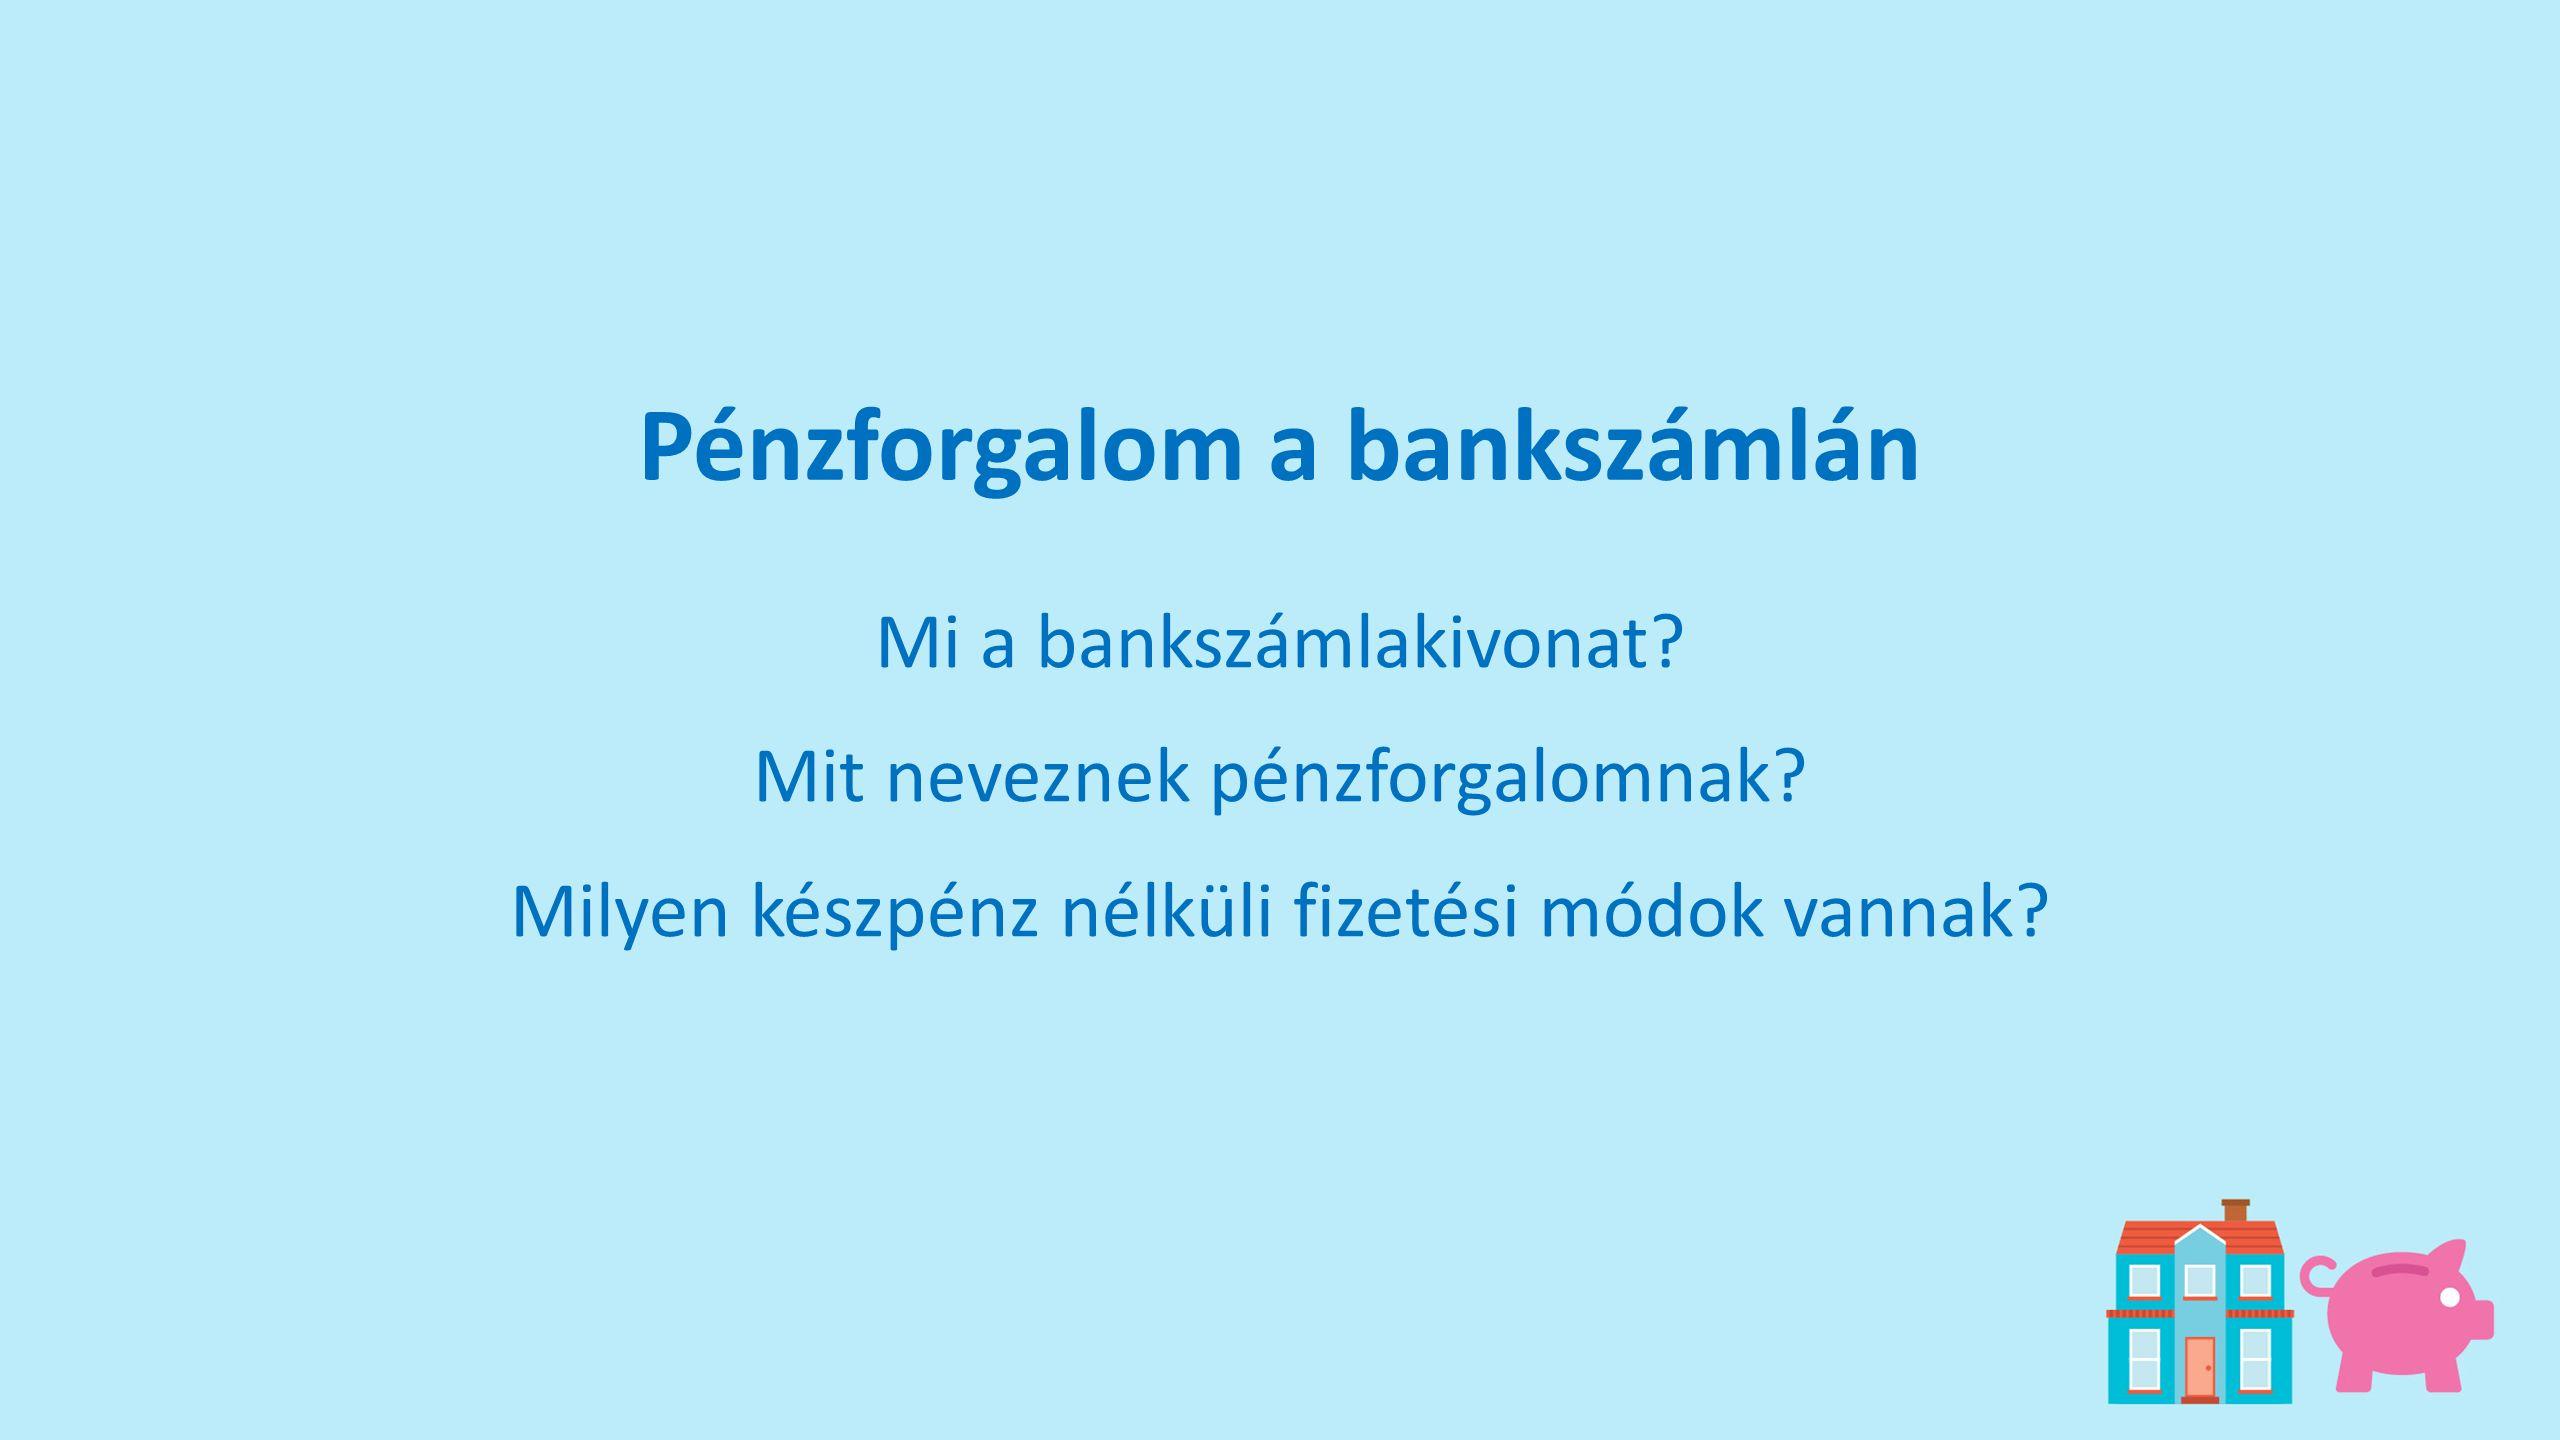 Pénzforgalom a bankszámlán